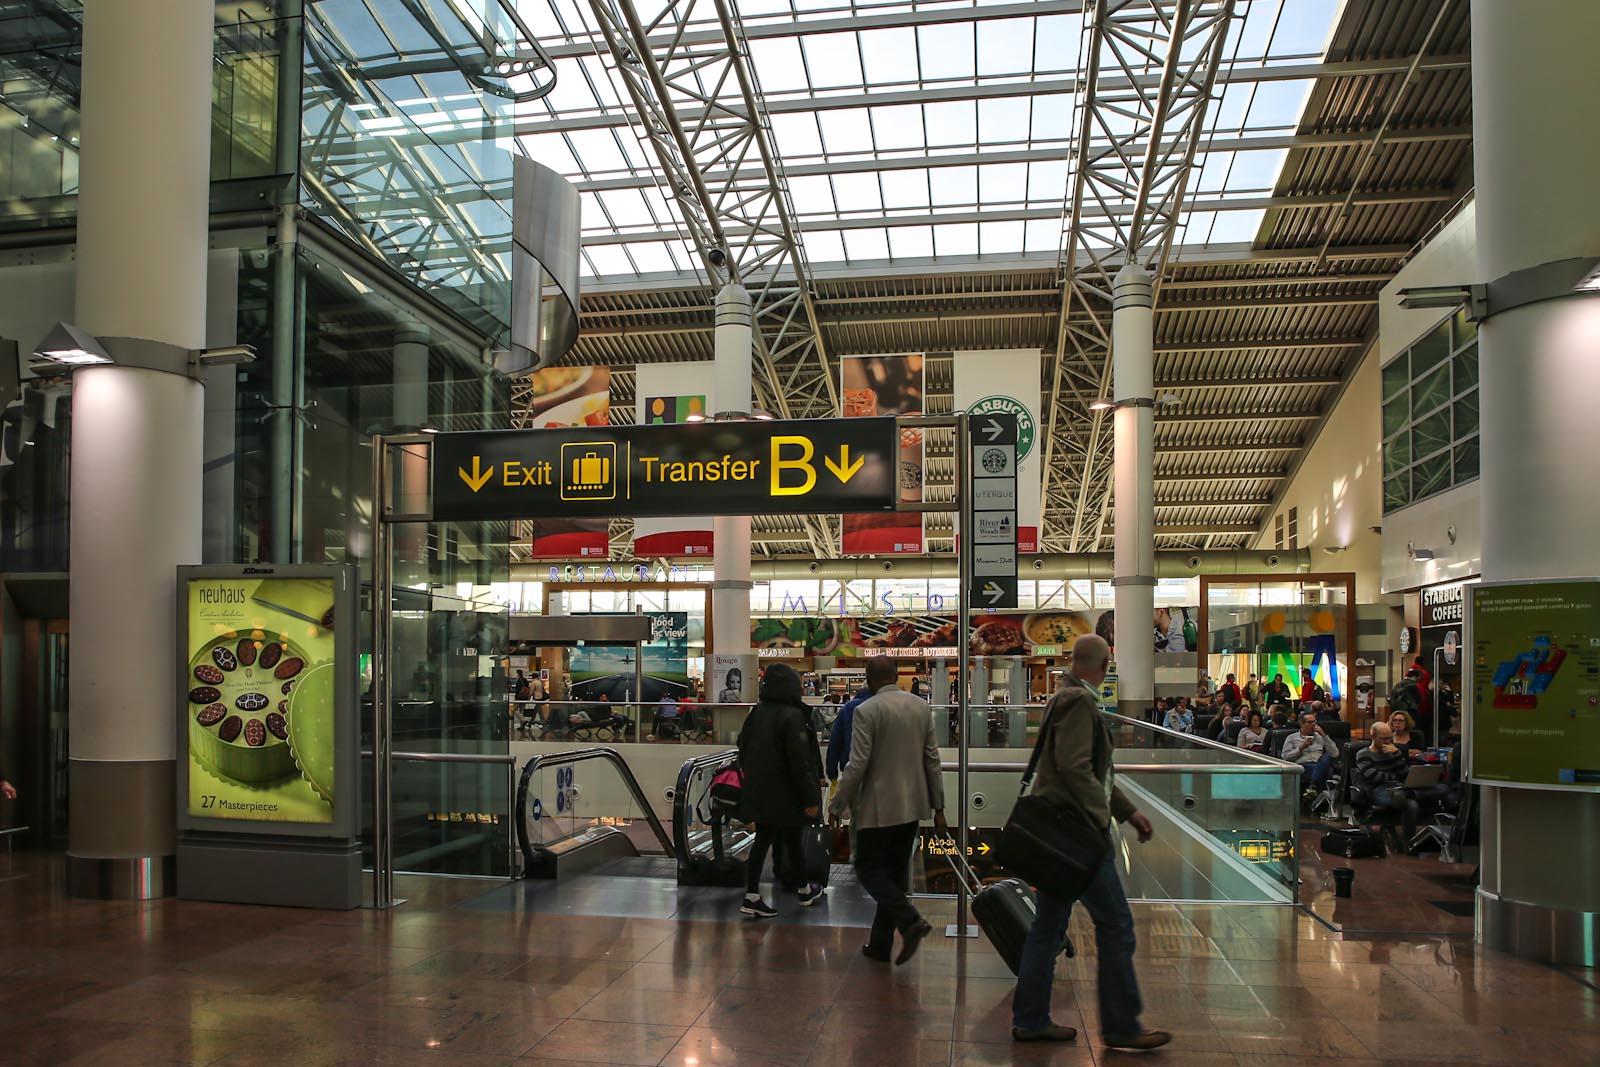 В аэропорту Брюссель